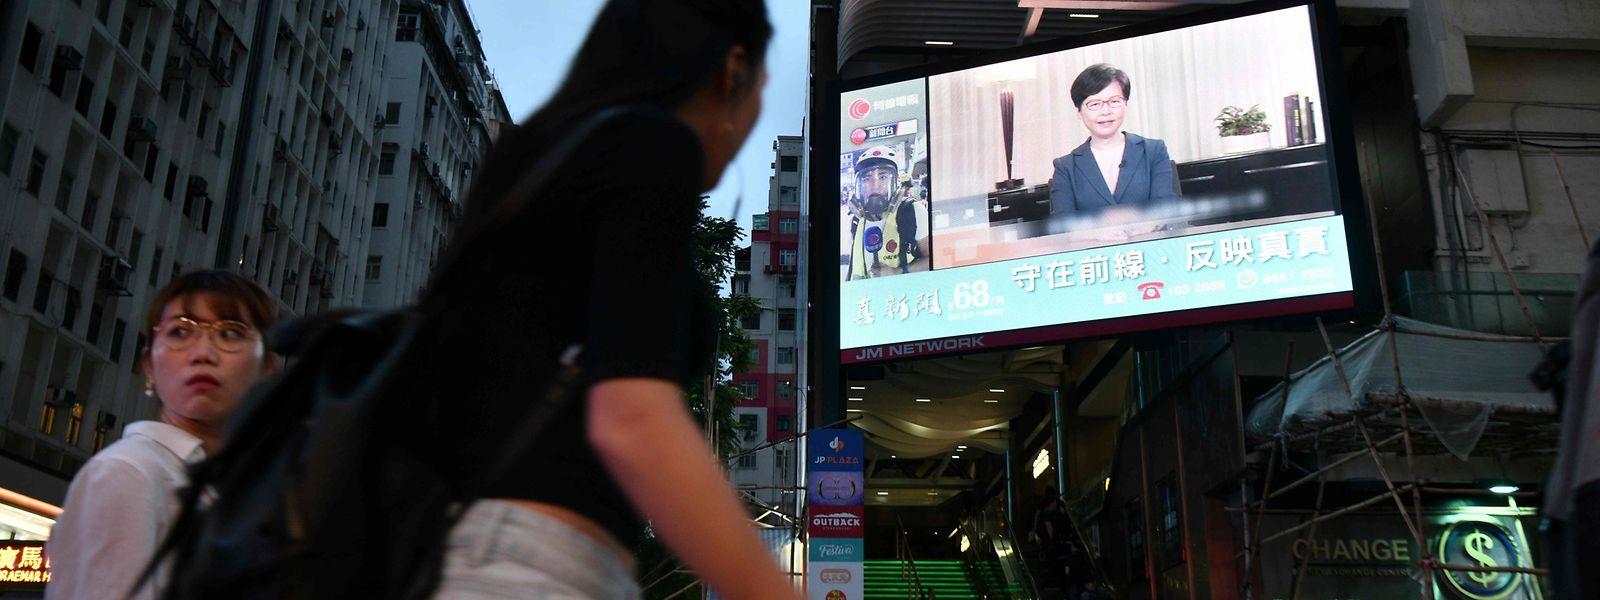 Die Ansprache von Carrie Lam wird in Hongkong auf einem großen Bildschirm übertragen.